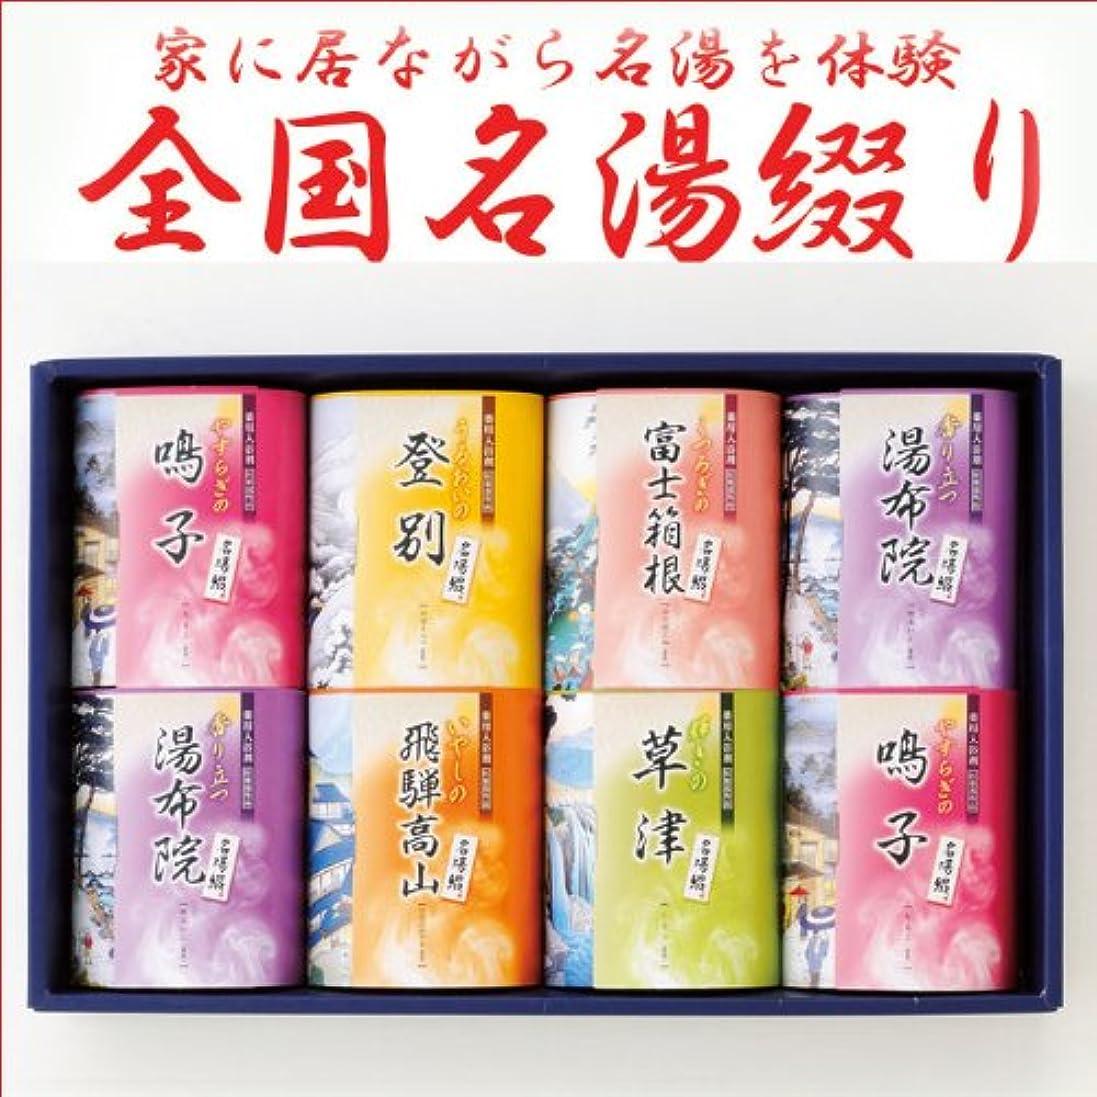 ビスケットが欲しい消化器日本全国名湯の温泉巡り入浴剤ギフトセット